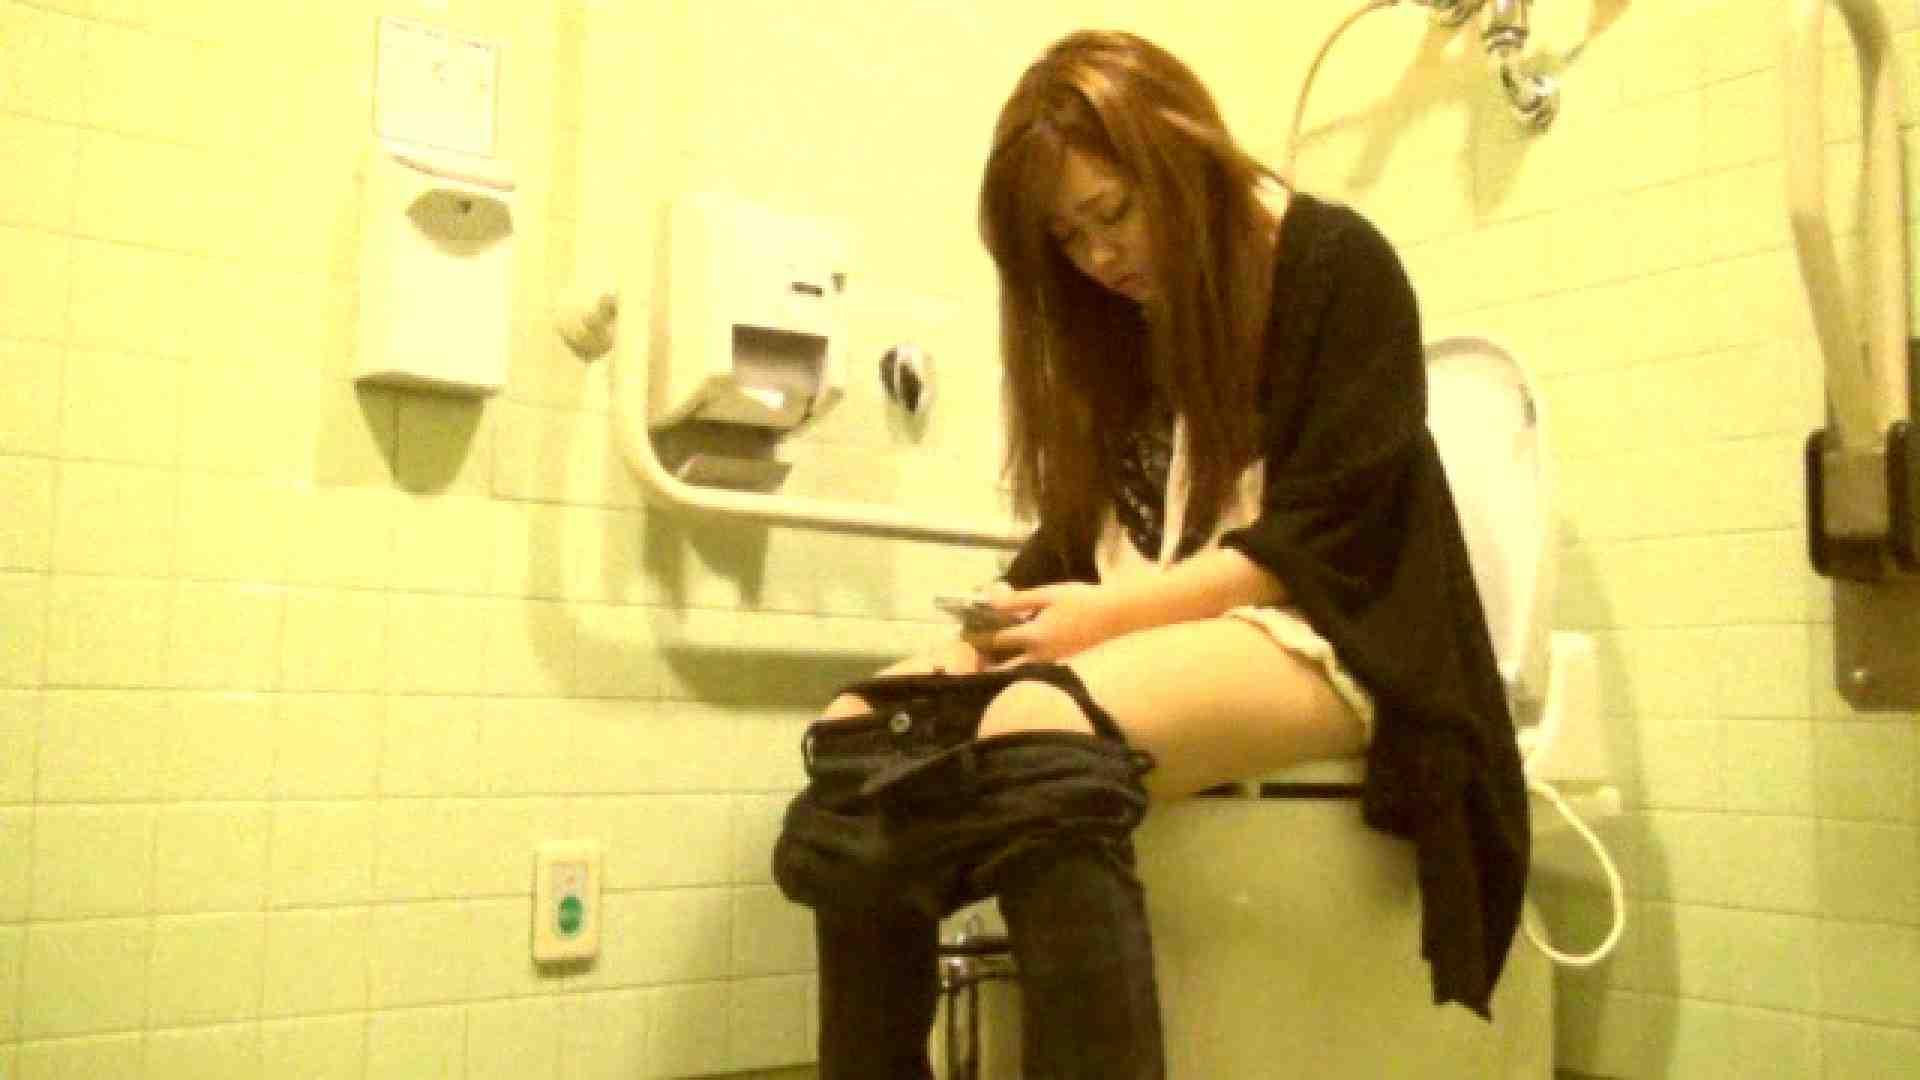 魔術師の お・も・て・な・し vol.26 19歳のバーの店員さんの洗面所をしばし… 洗面所 | 美女OL  54連発 13